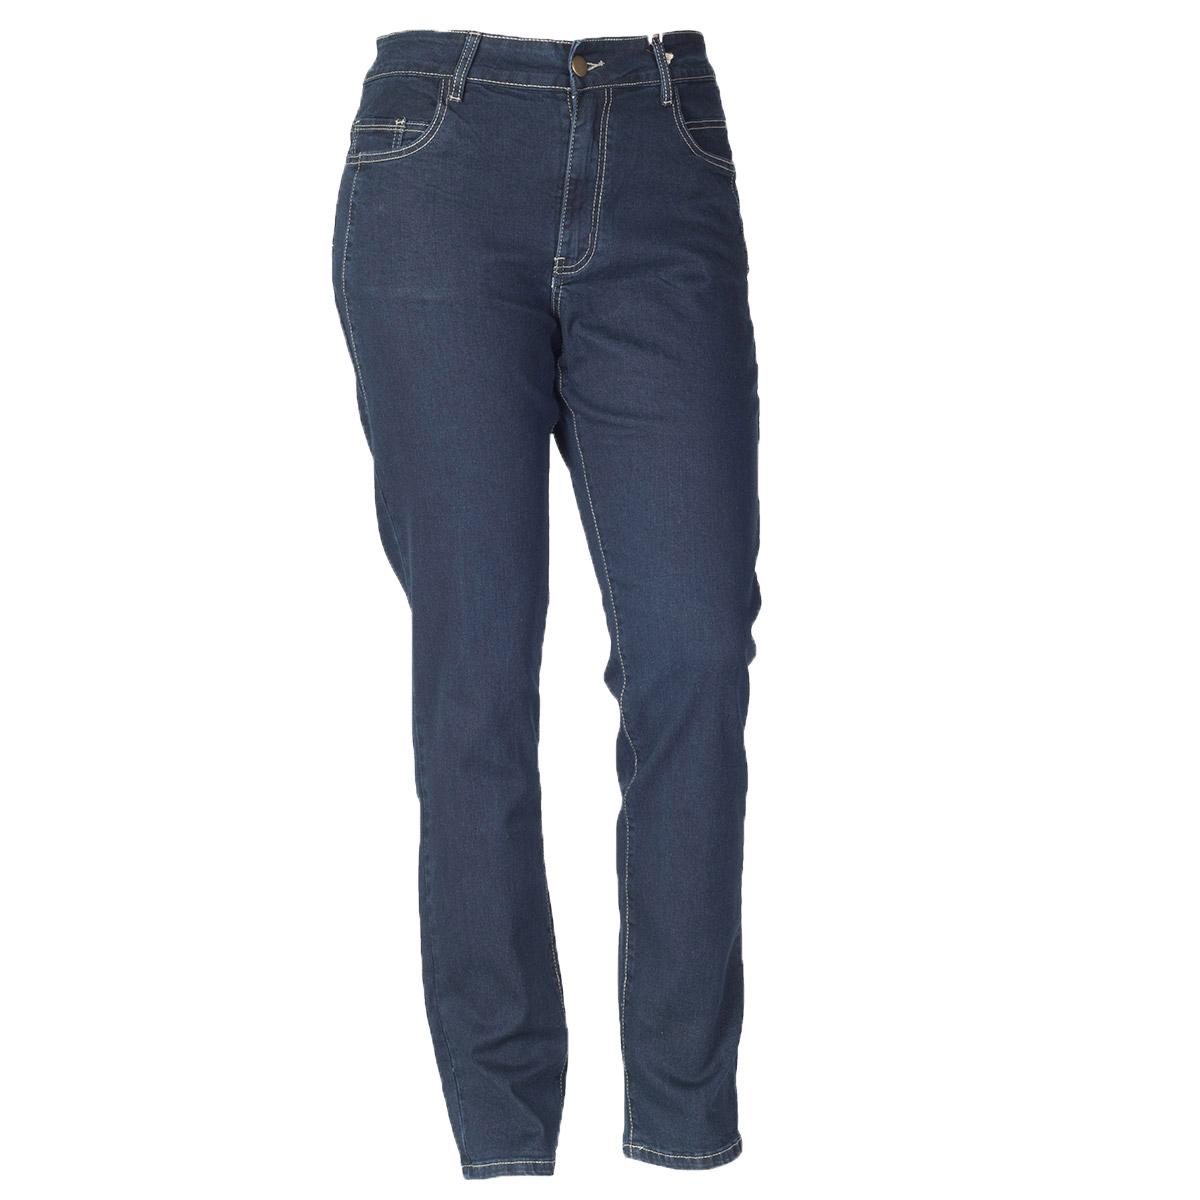 Mørkeblå denim jeans fra deluca